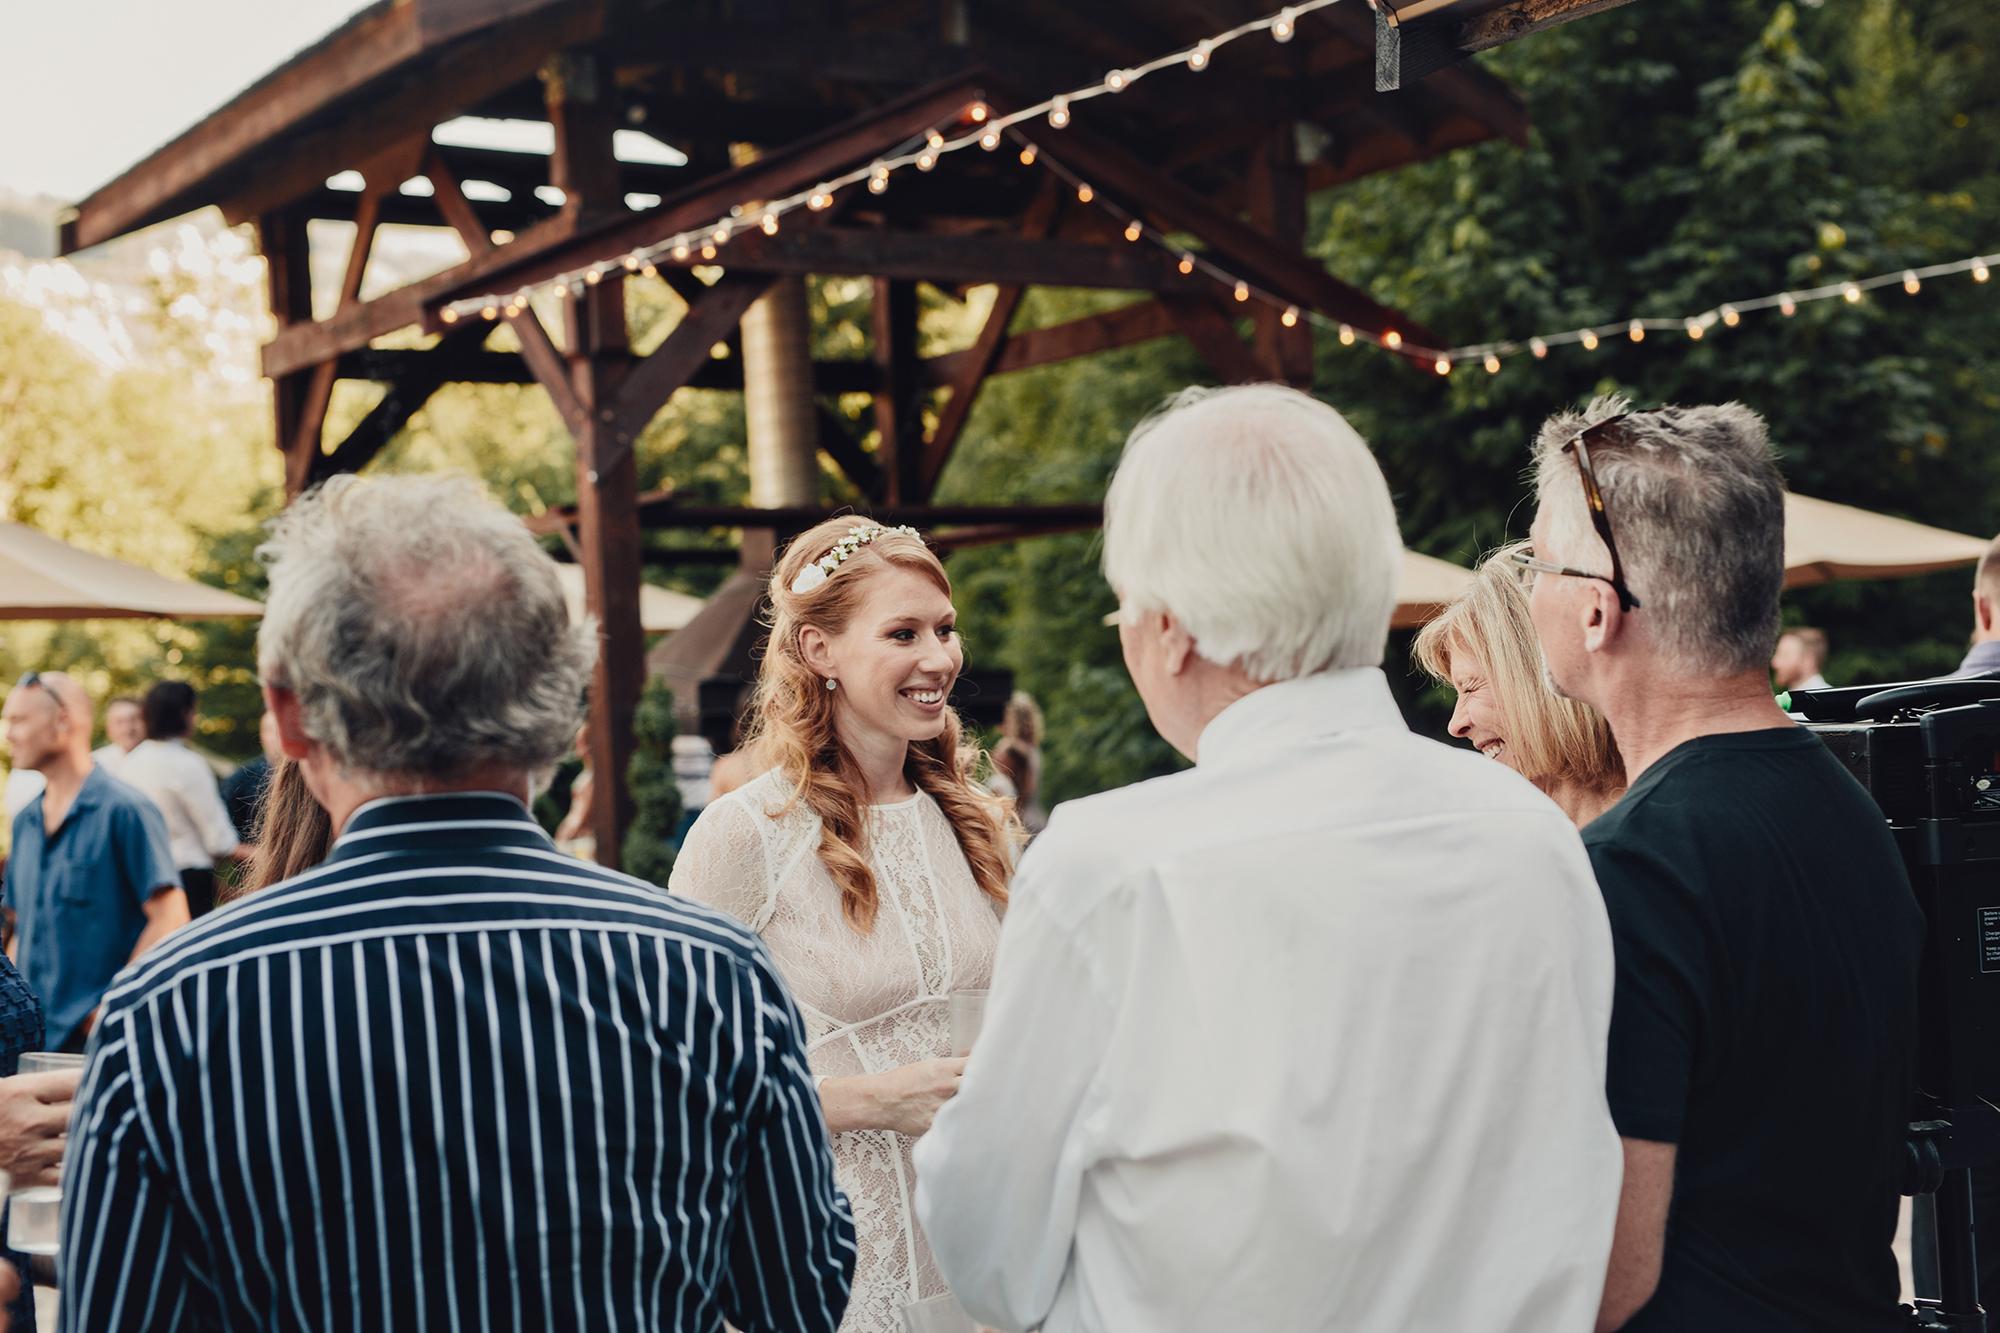 mountain-top-wedding-photos-0080.JPG